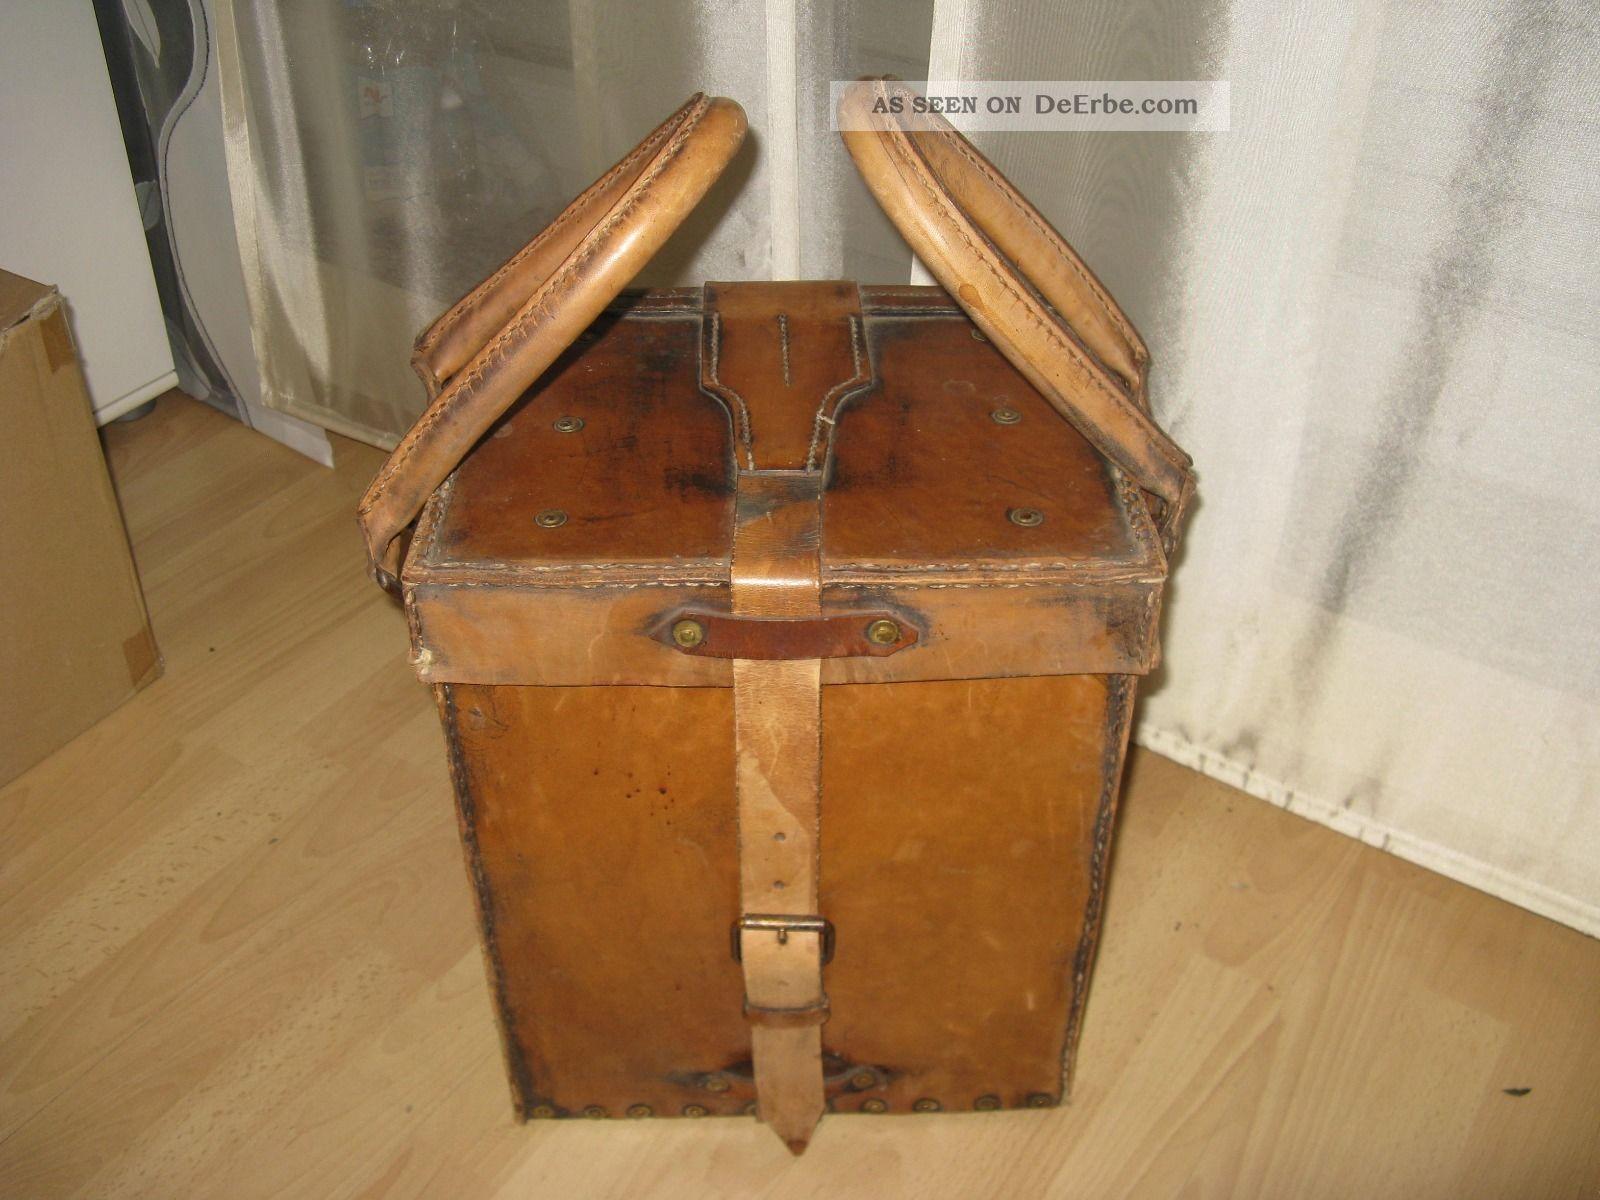 koffer als tisch neu alter koffer reisekoffer vulkanfiber shabby koffer mit voll von kleidung. Black Bedroom Furniture Sets. Home Design Ideas